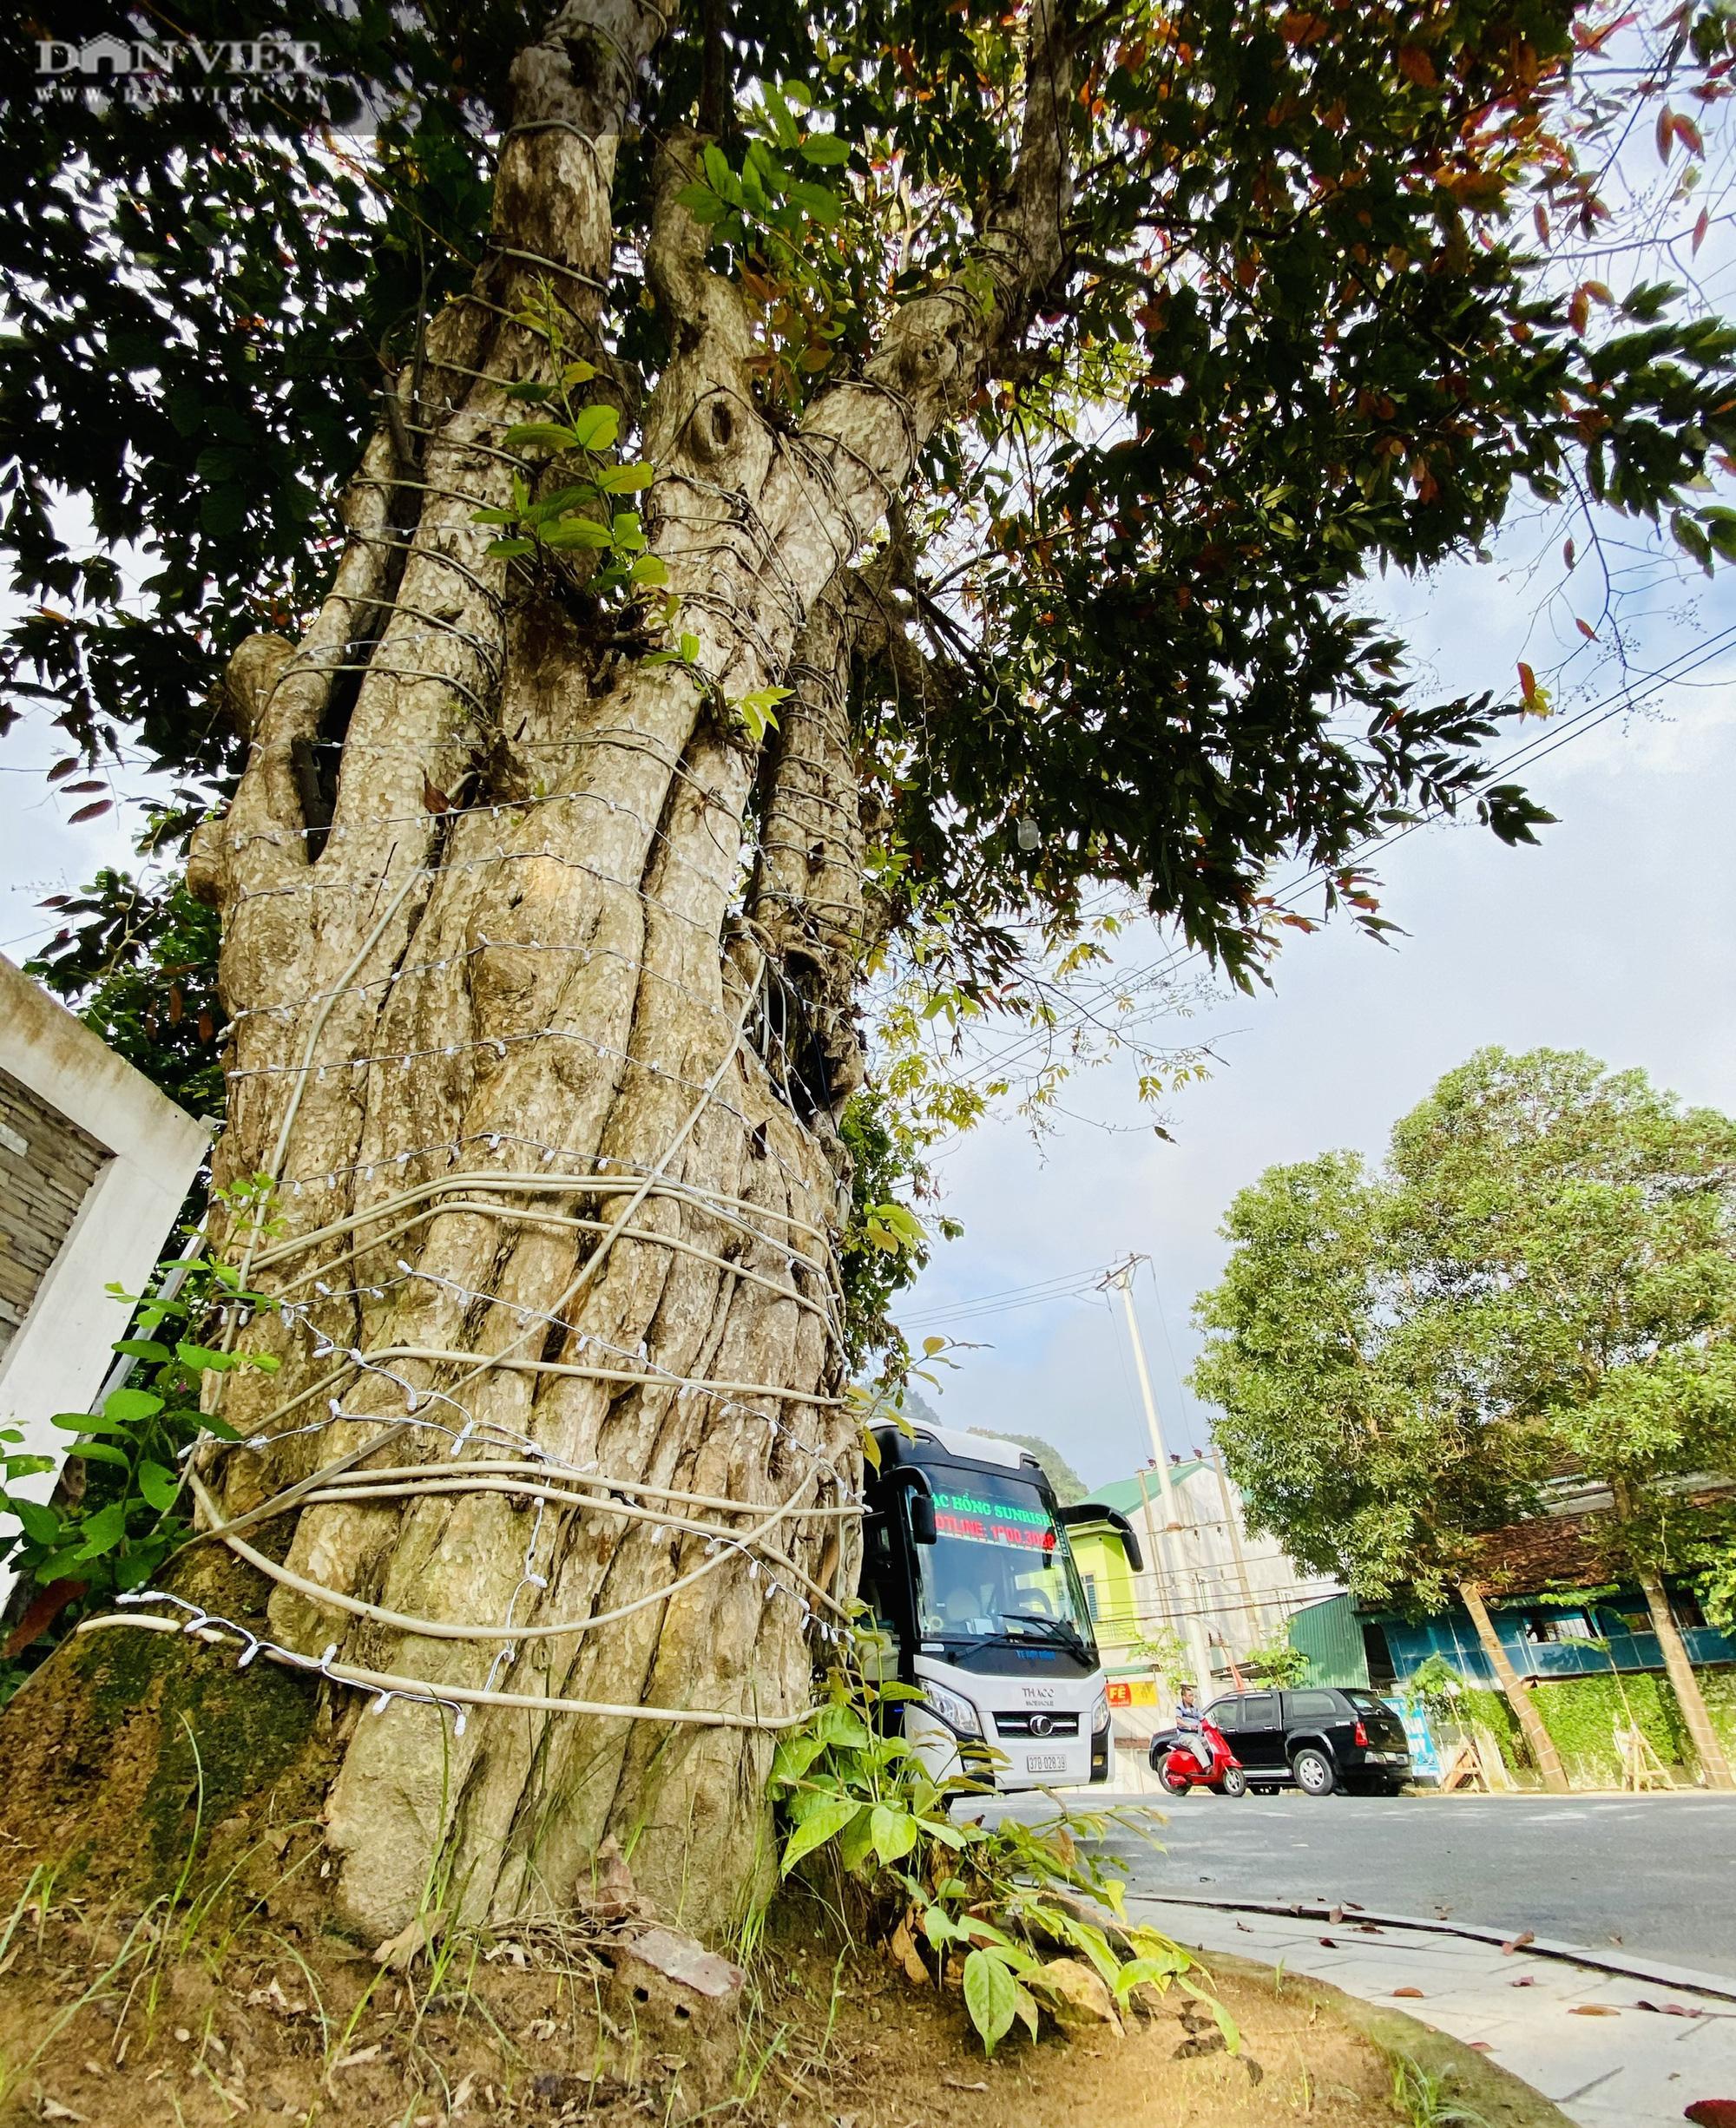 Sau loạt bài Điều tra của Dân Việt: Hà Nội xử lý 07 vụ vi phạm liên quan đến kinh doanh cây cổ thụ - Ảnh 1.